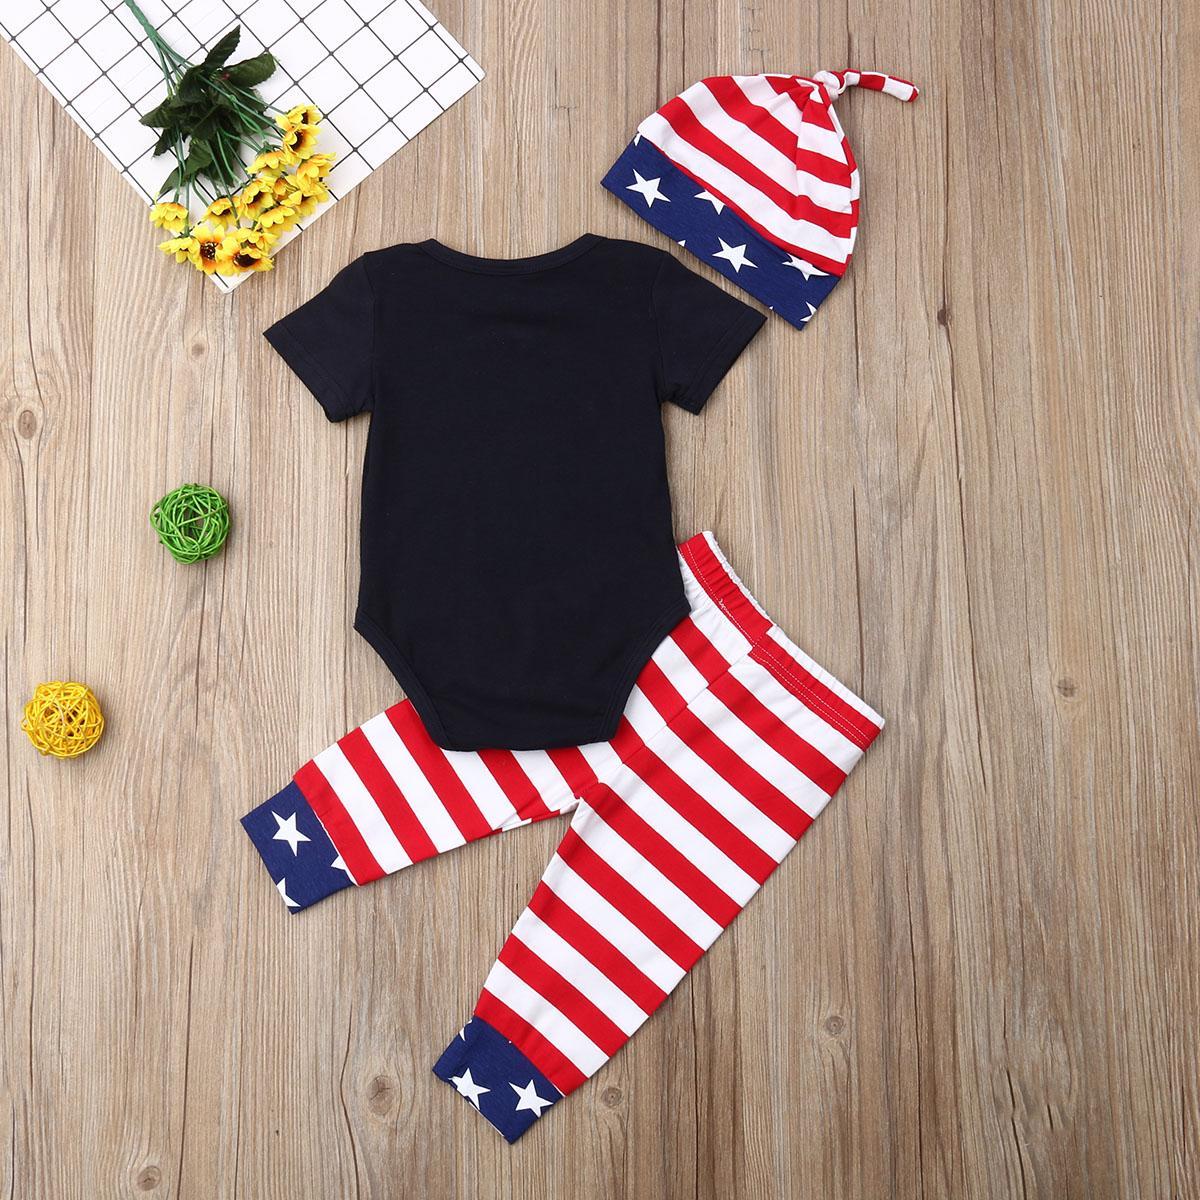 Neugeborenes Baby-Kind-Mädchen-Junge 4. Juli Gestreifte Stars bester + Pants Haben Outfits Set